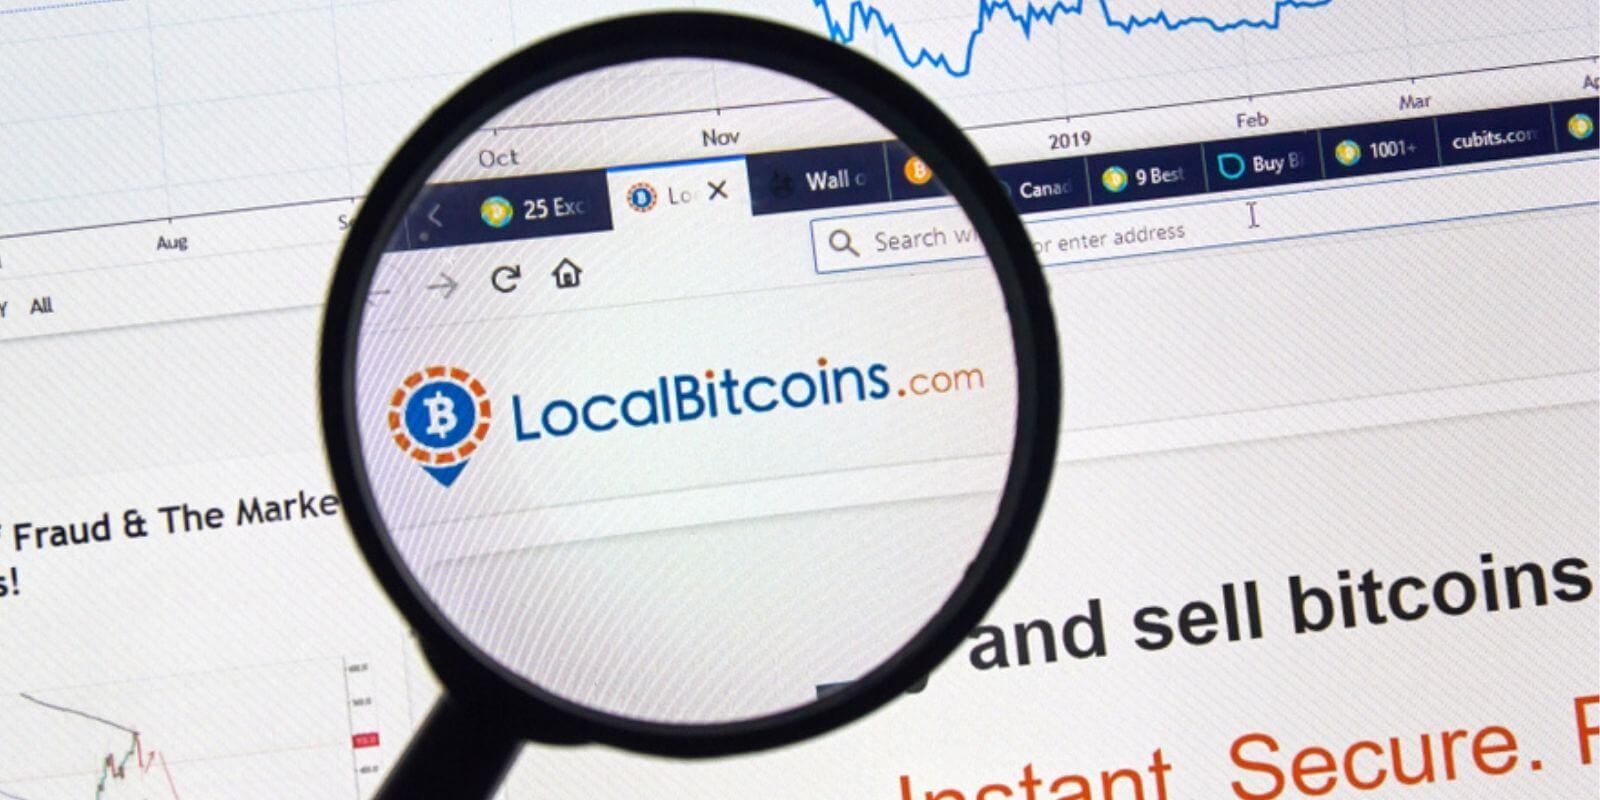 Pourquoi les volumes de transactions de LocalBitcoins sont-ils au plus bas?